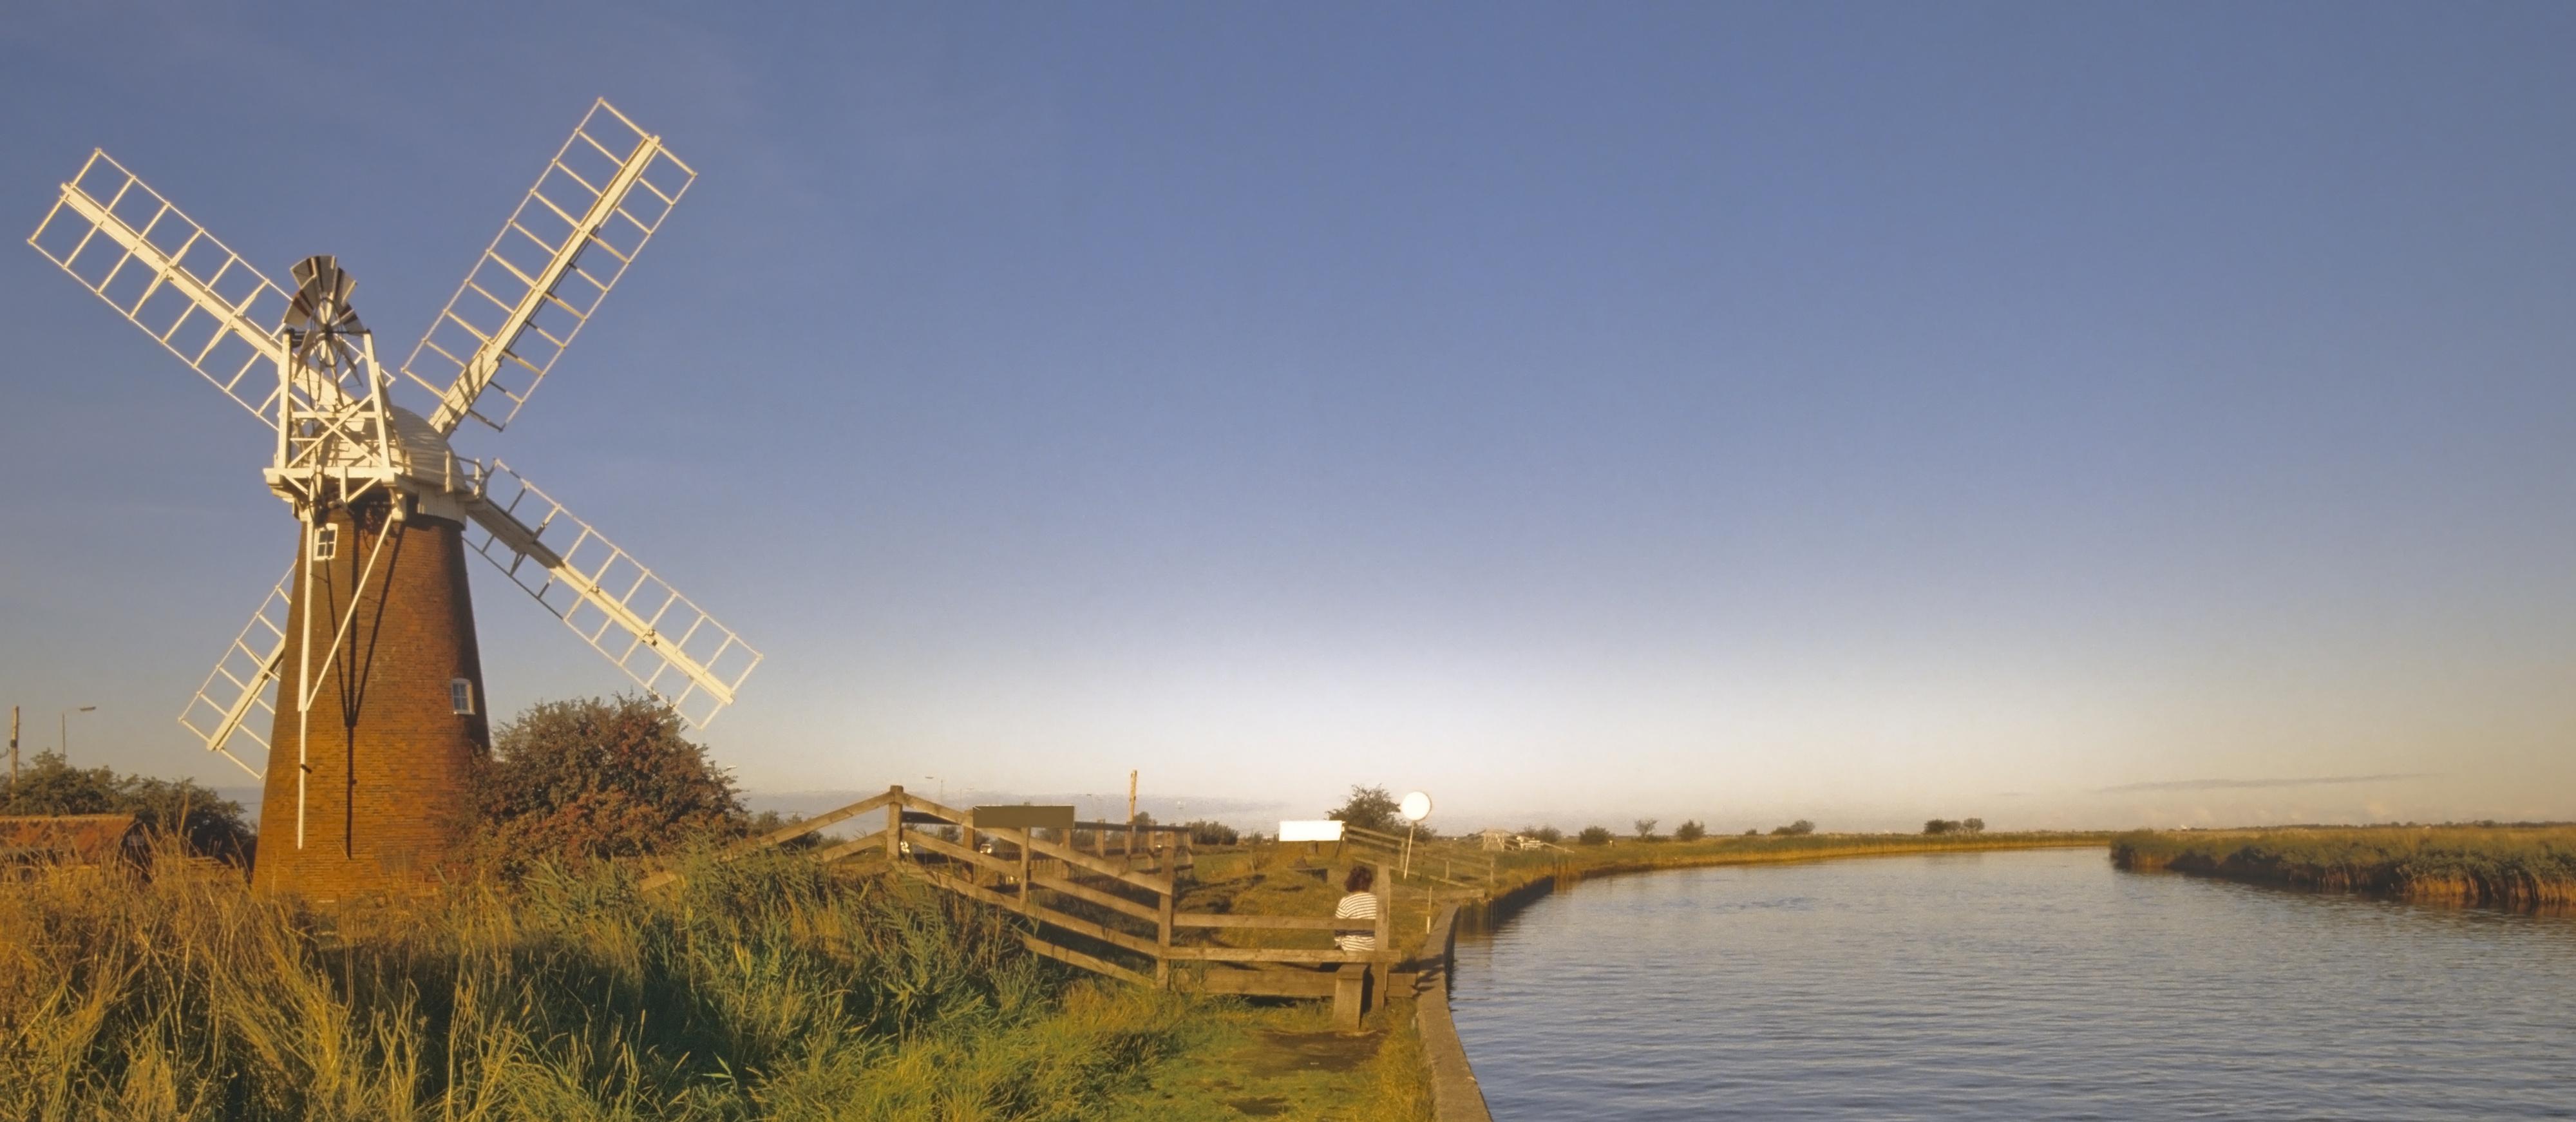 Norfolk - Essex, Suffolk, And Norfolk